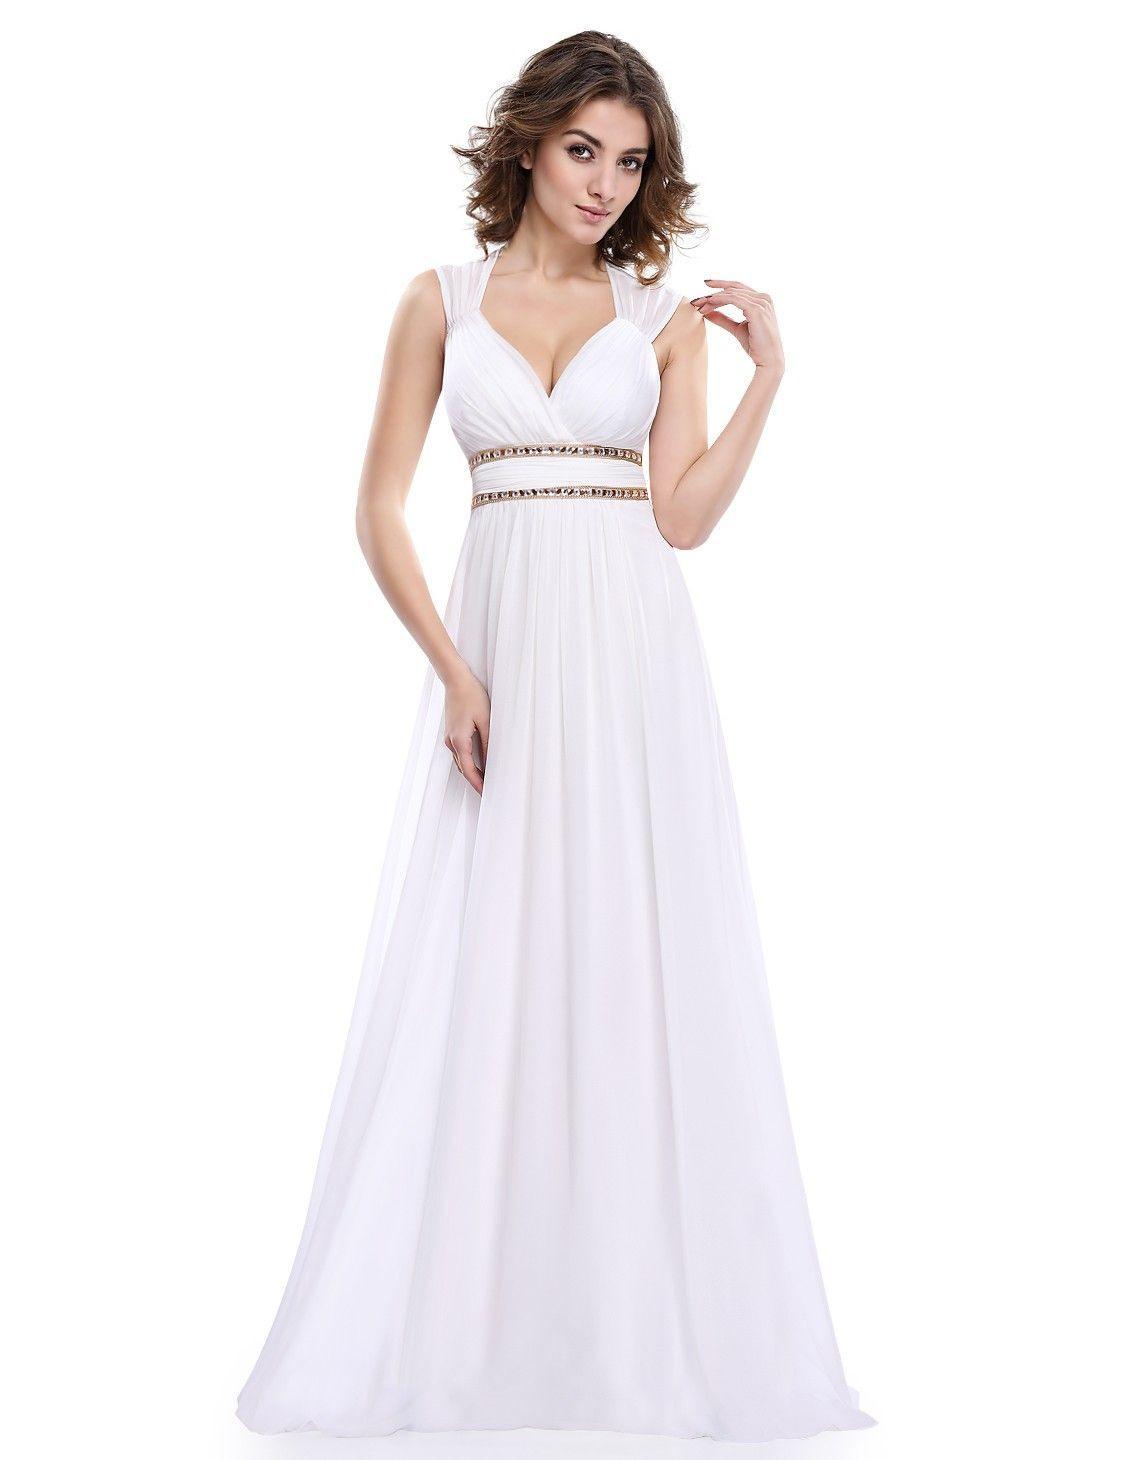 20 Einfach Abendkleider Weiß DesignDesigner Wunderbar Abendkleider Weiß Spezialgebiet